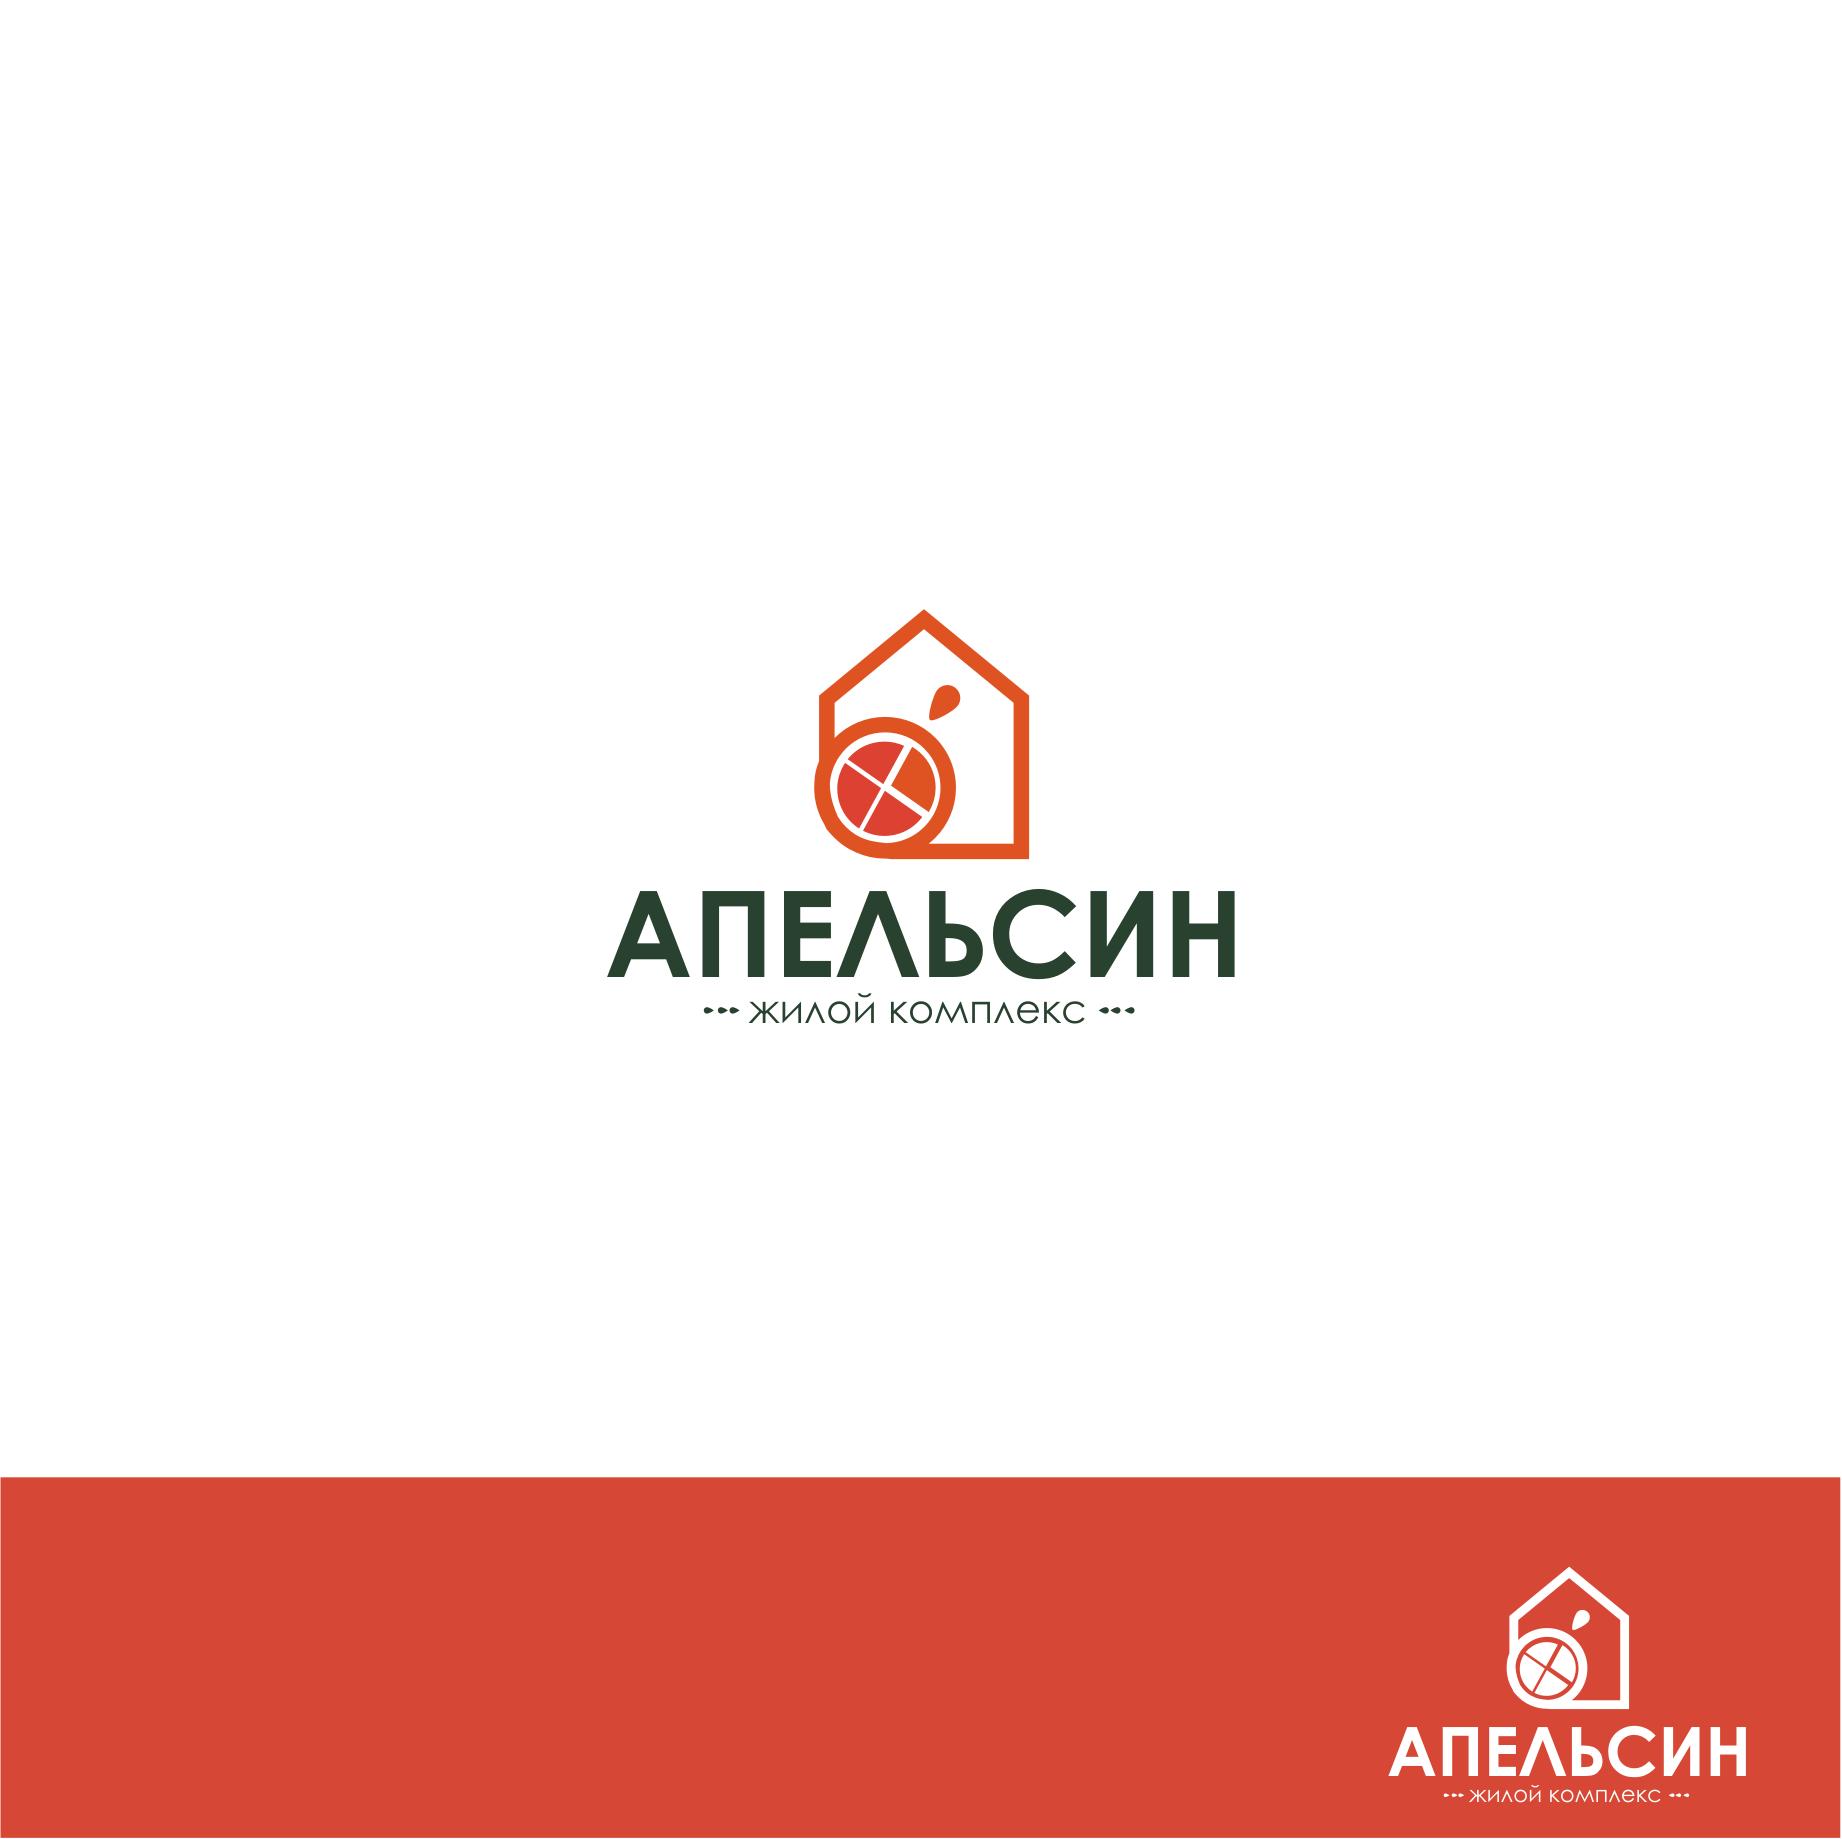 Логотип и фирменный стиль фото f_2945a66ed9687d48.png